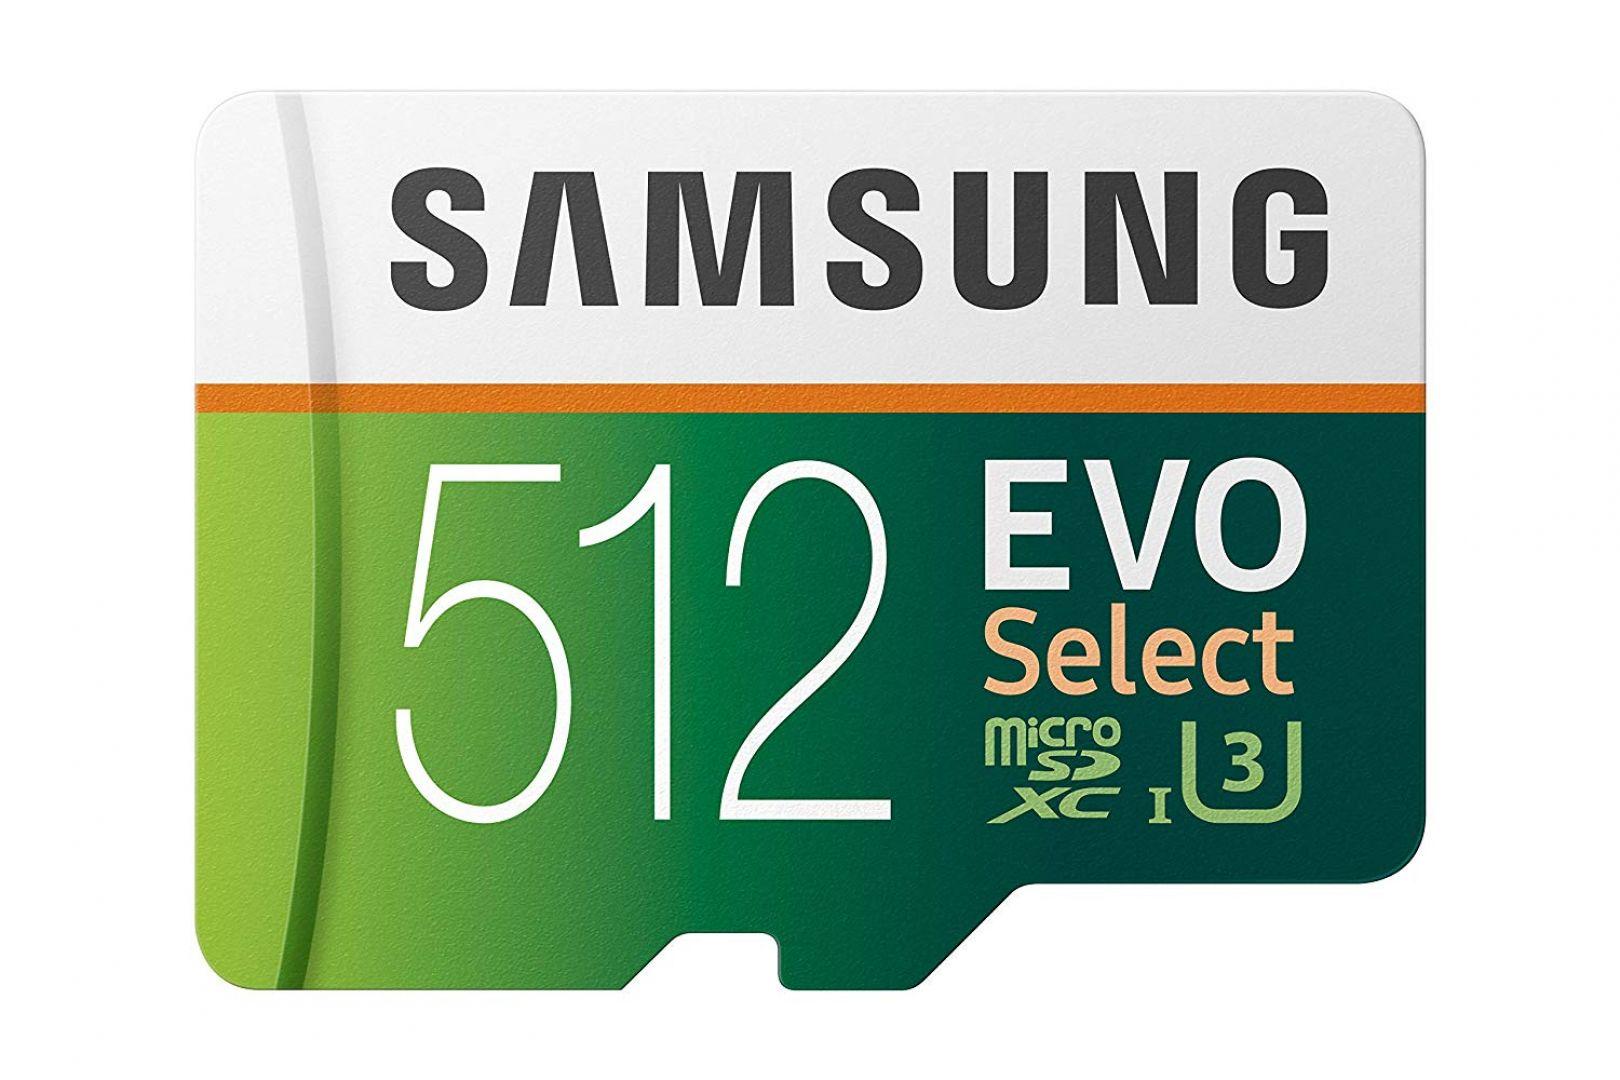 Samsung MB-ME512GA/AM product image.